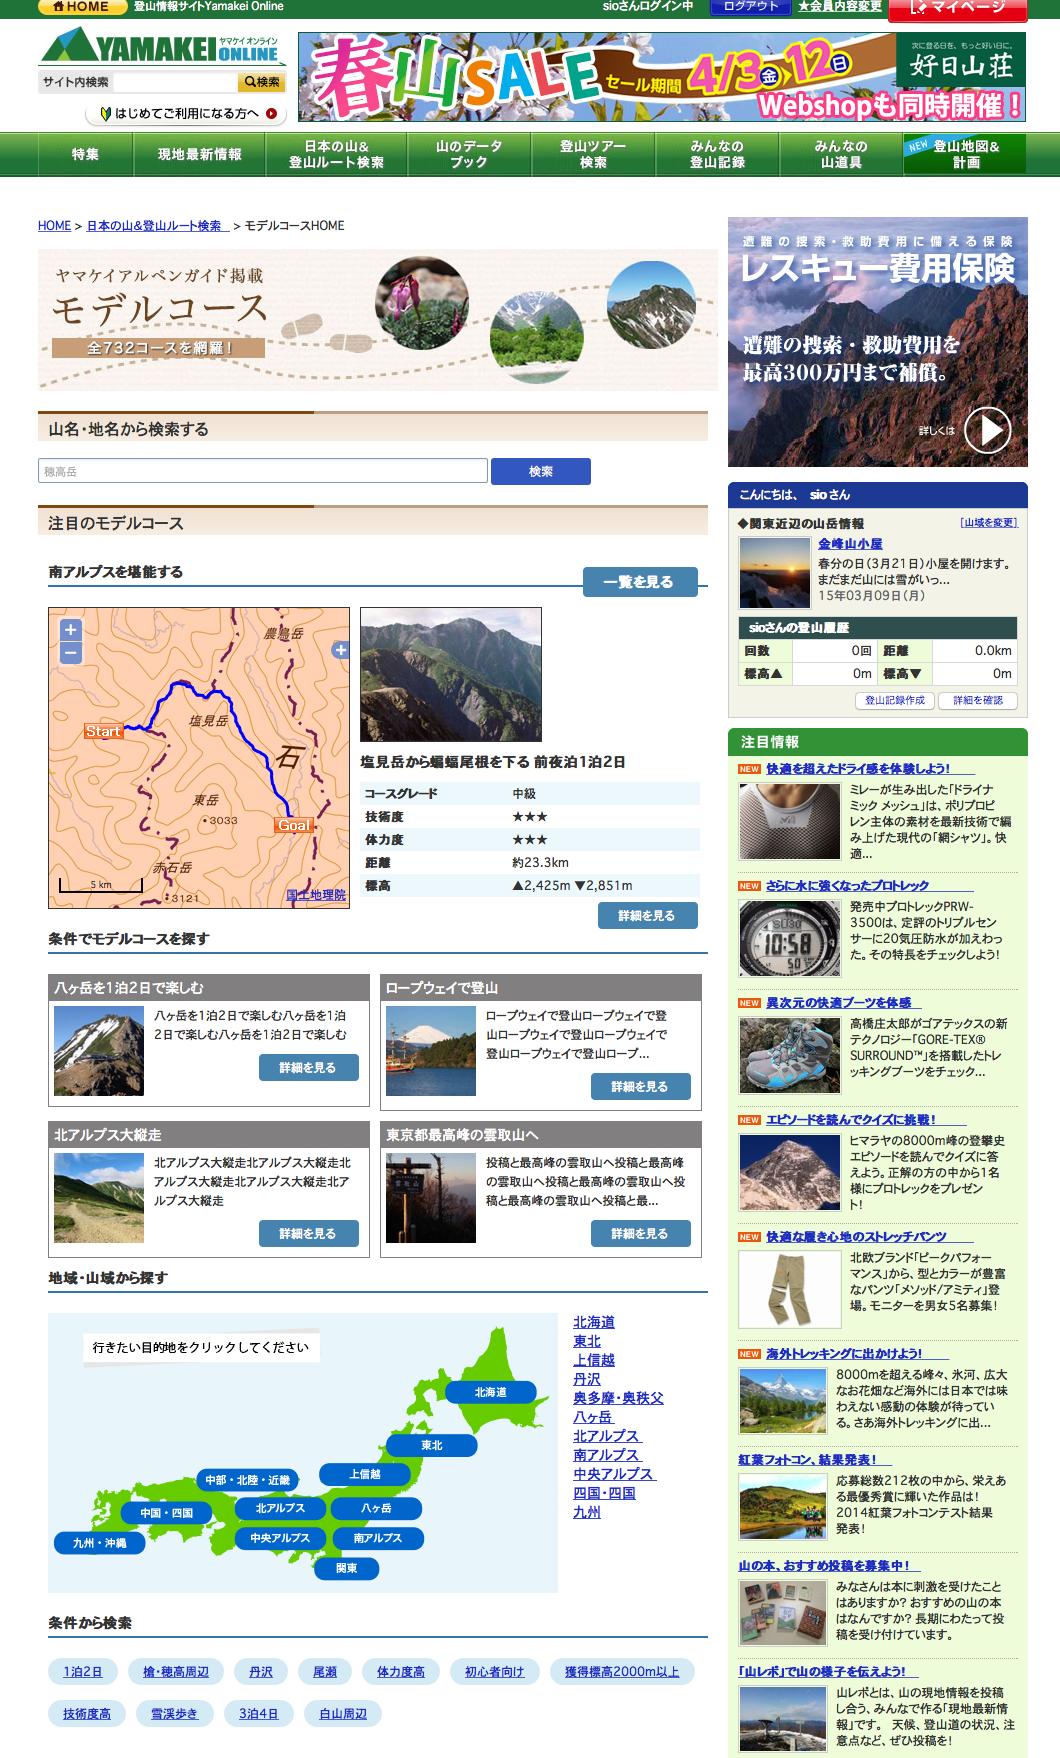 「Yamakei Online」のモデルコース情報ページ